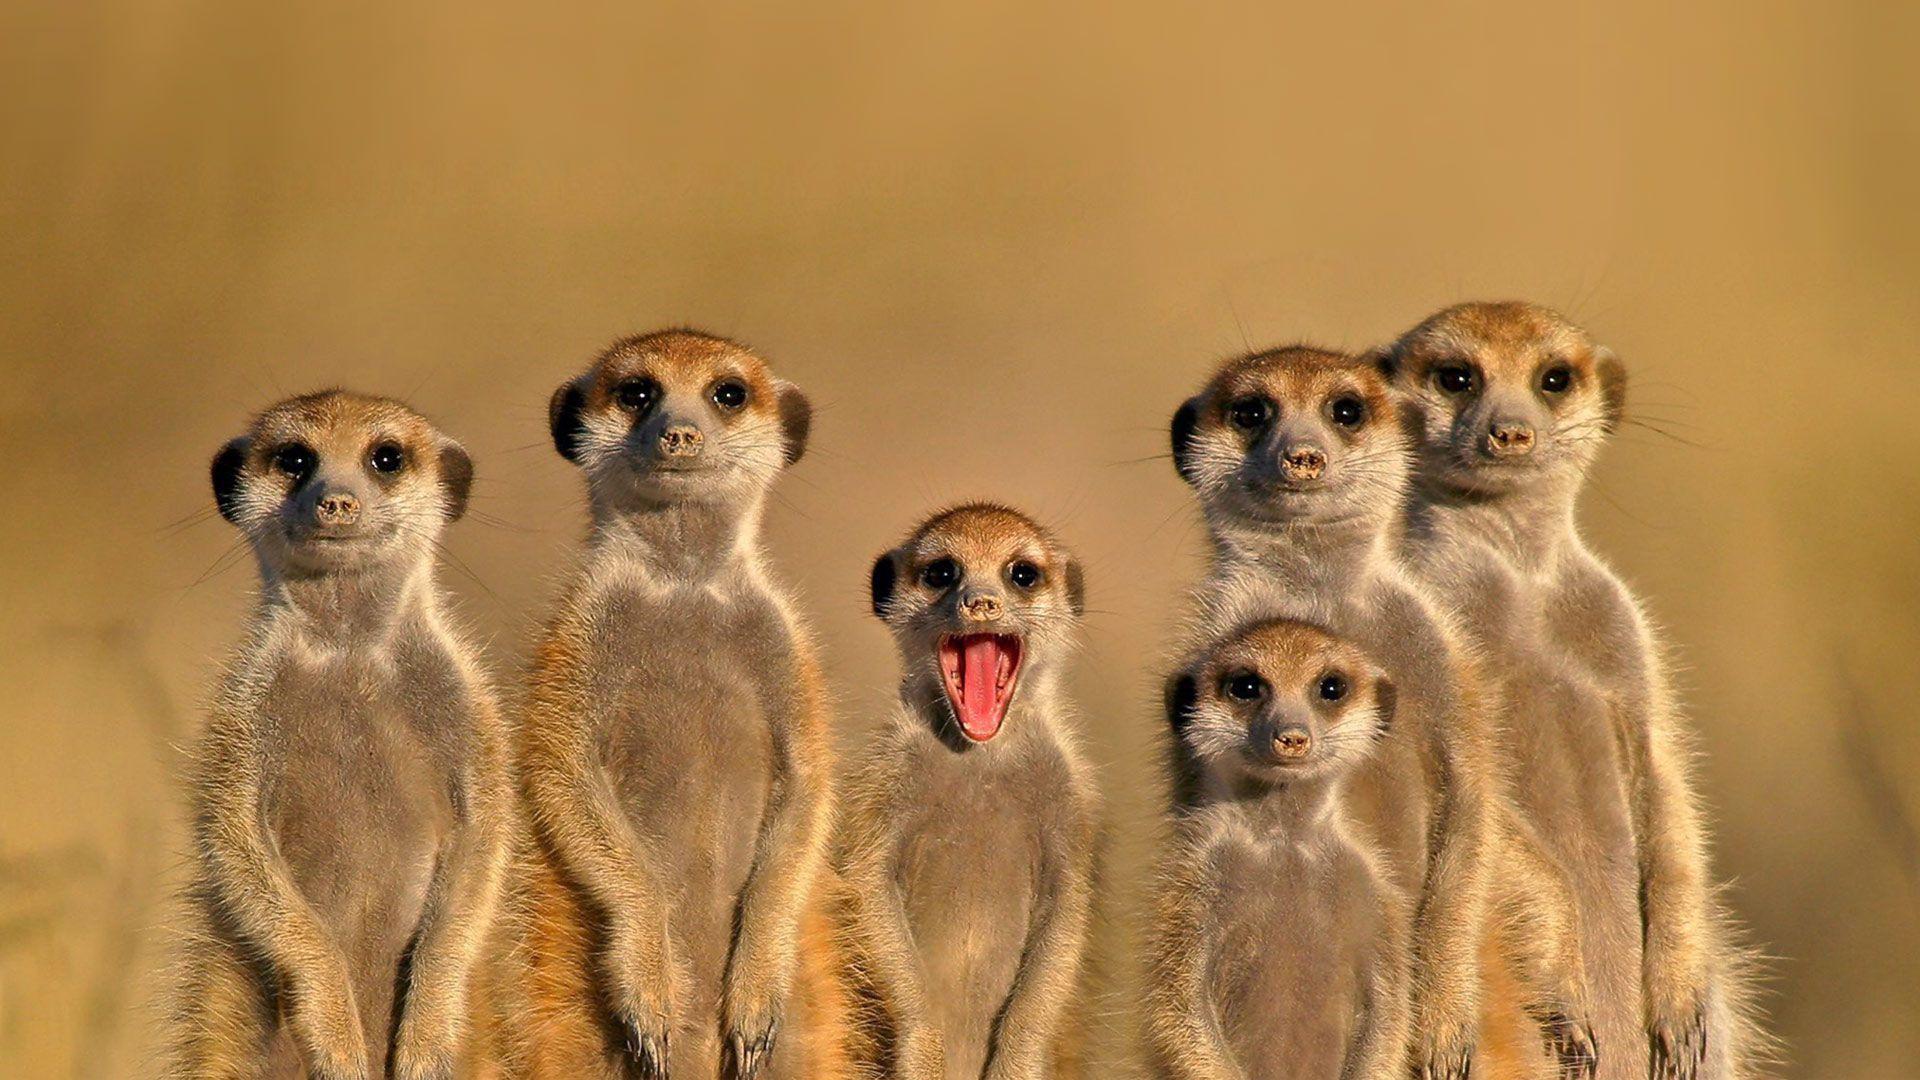 Meerkat Desktop Images